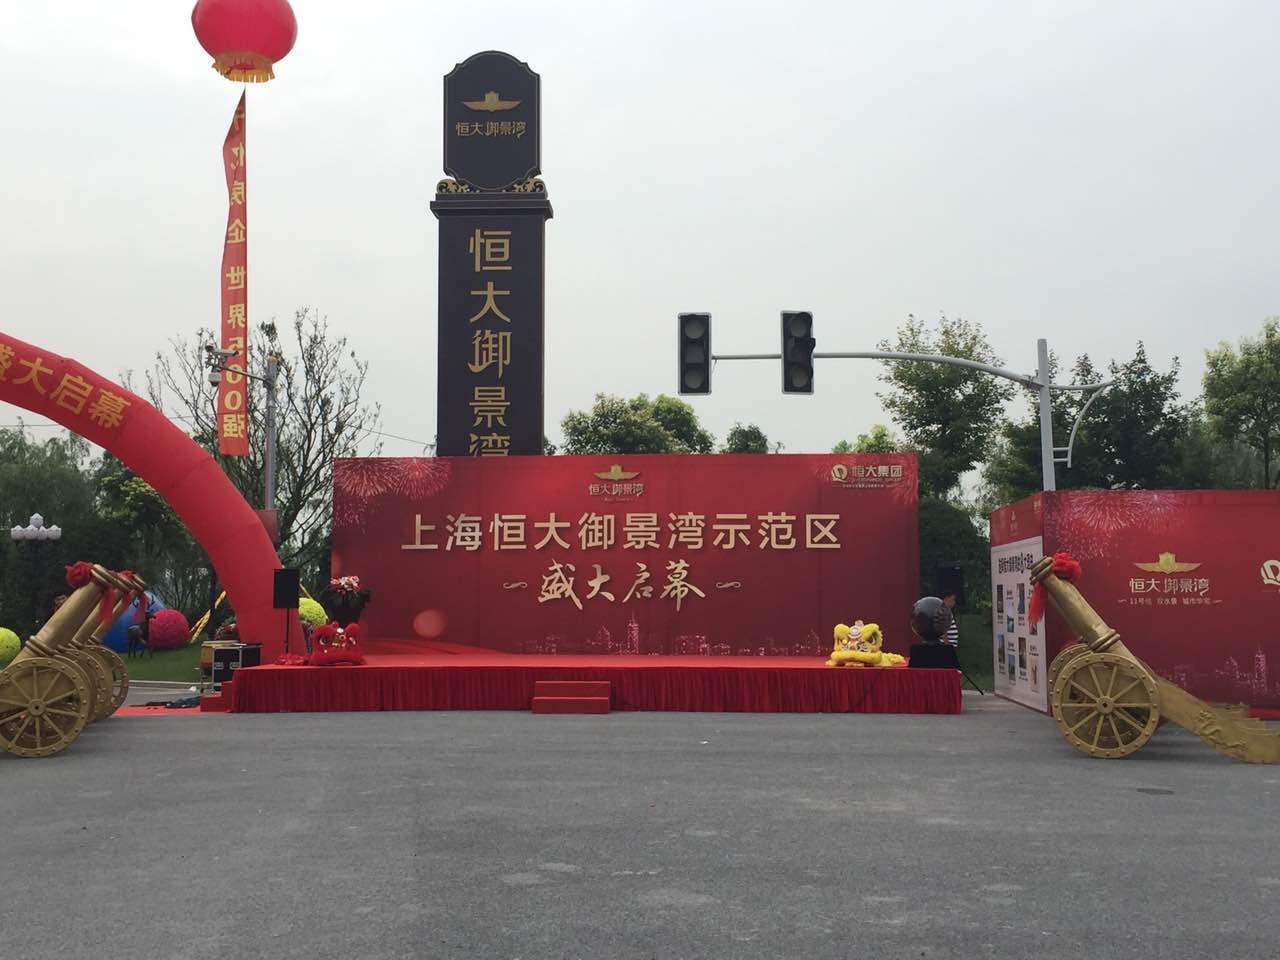 上海开业活动策划公司 上海开业典礼 开业设备租赁 开业庆典策划